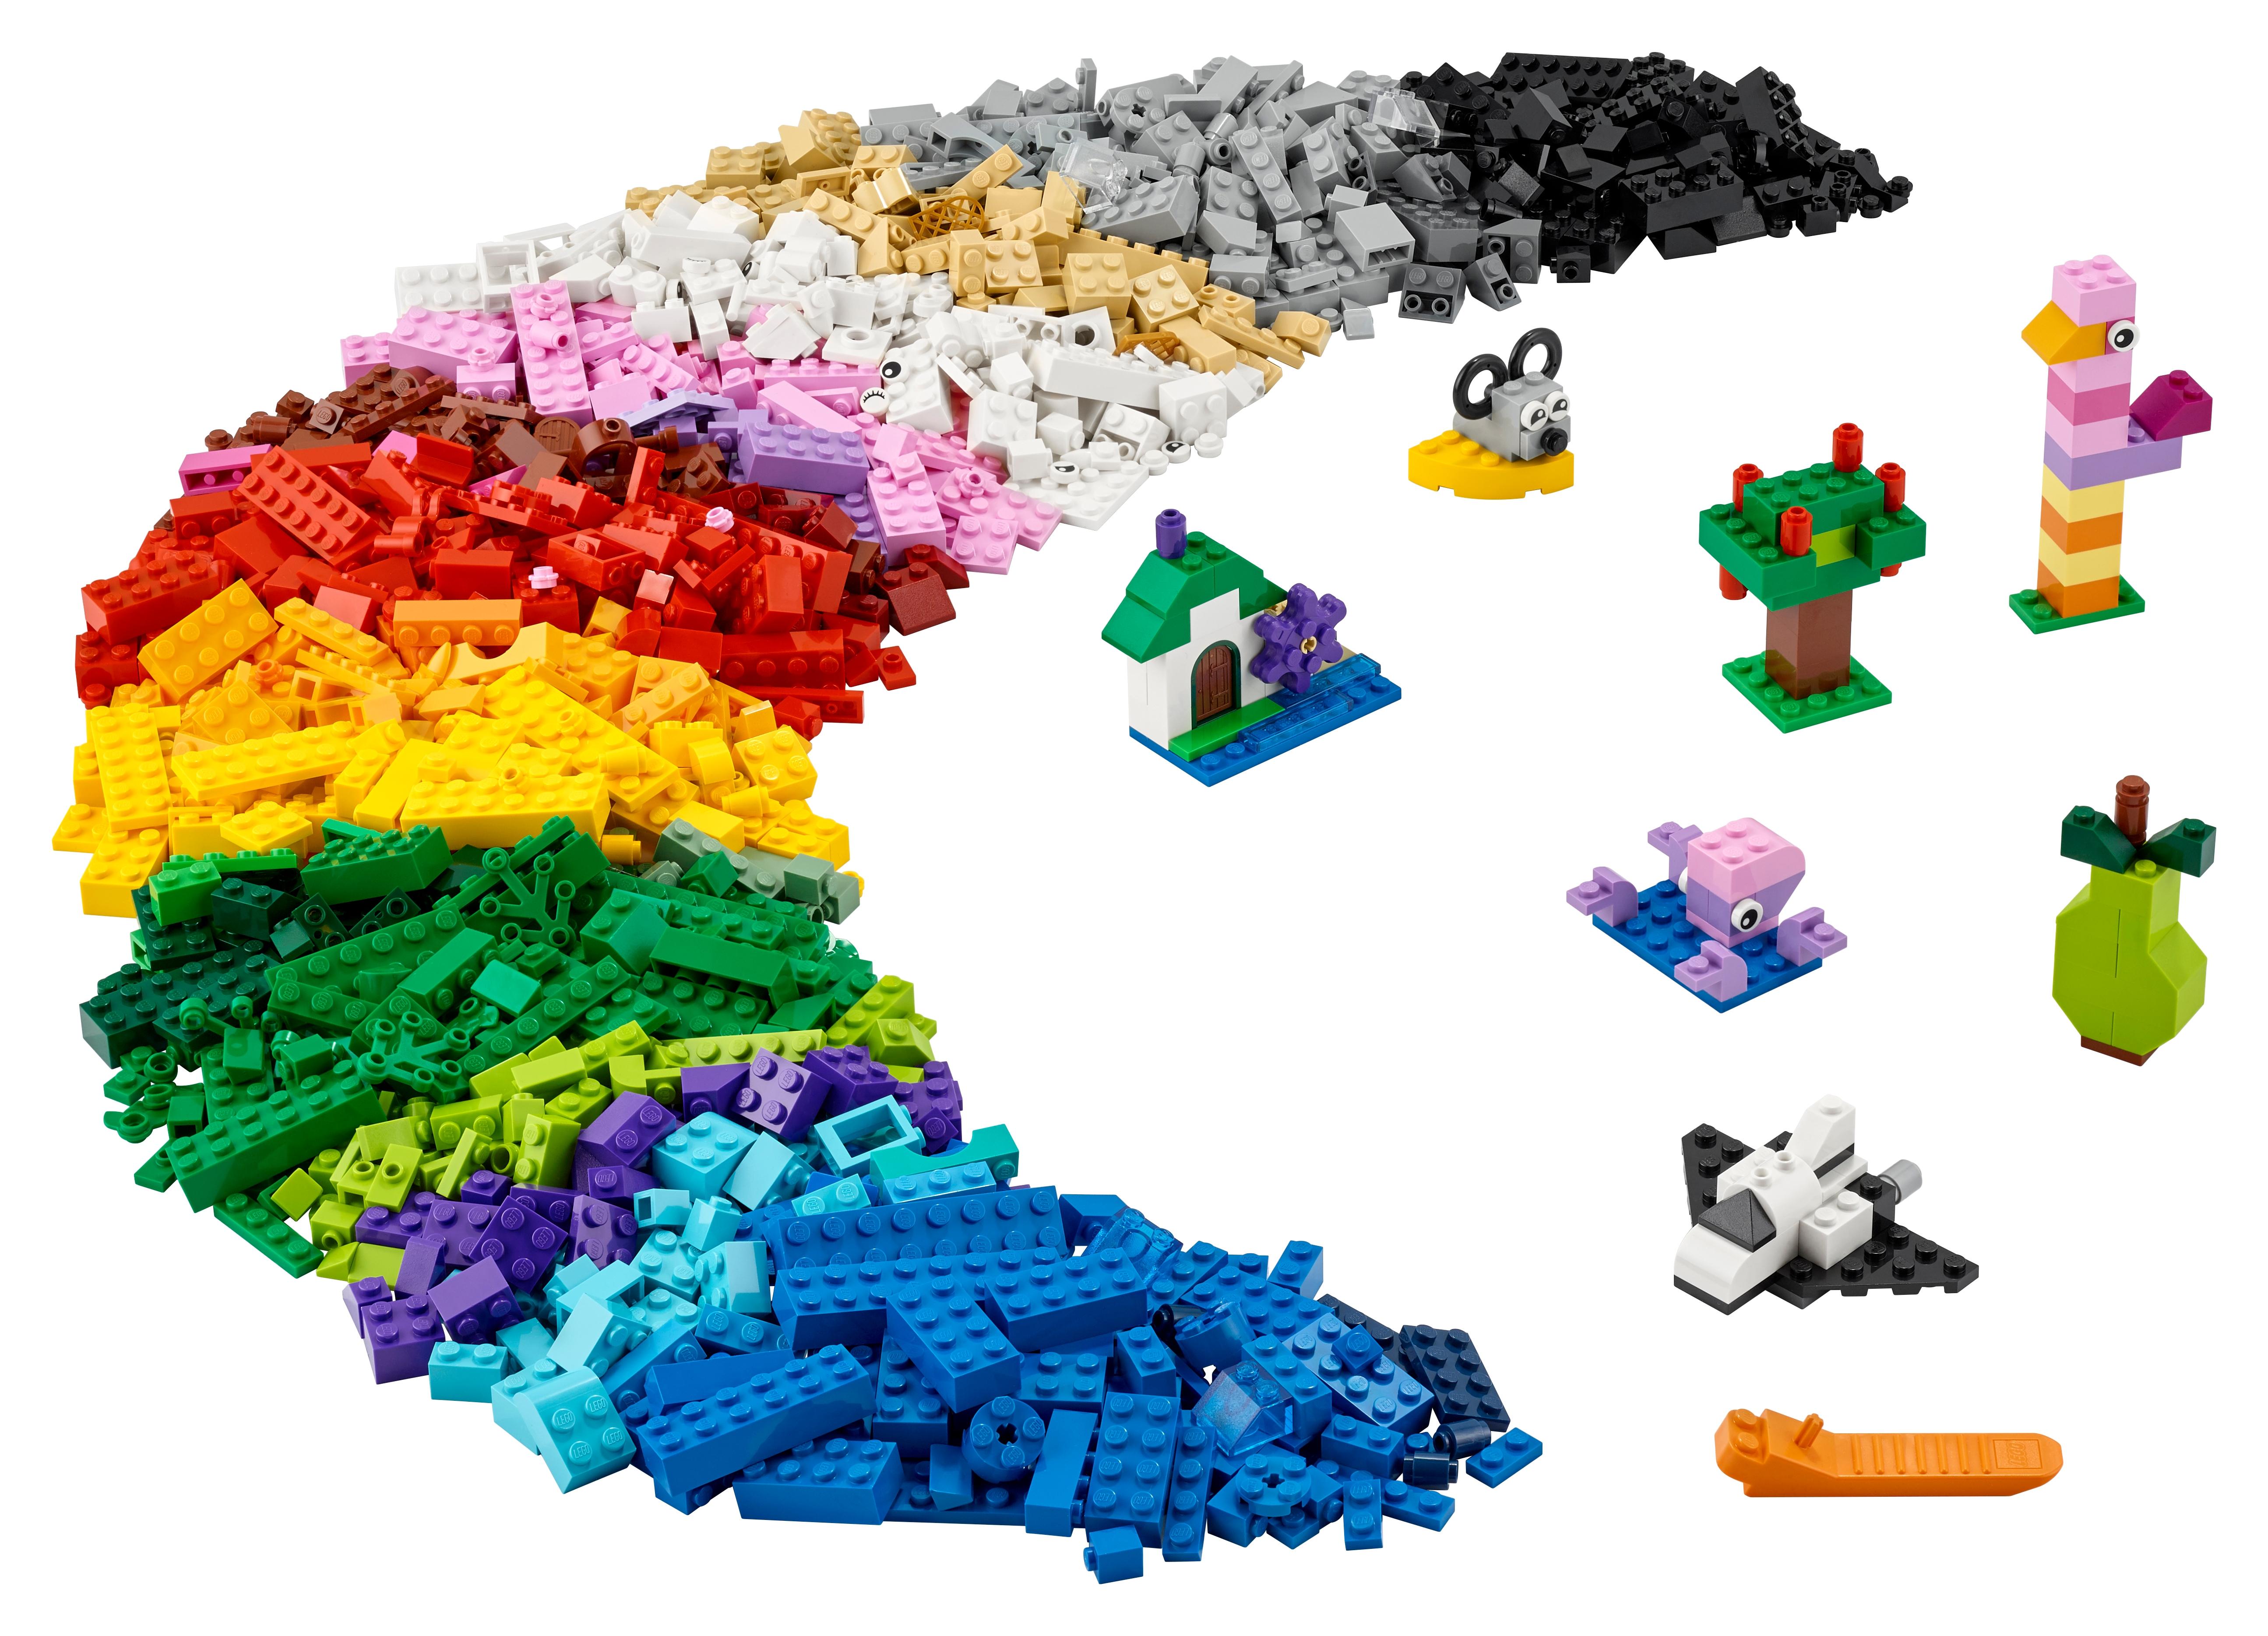 クラシック レゴ